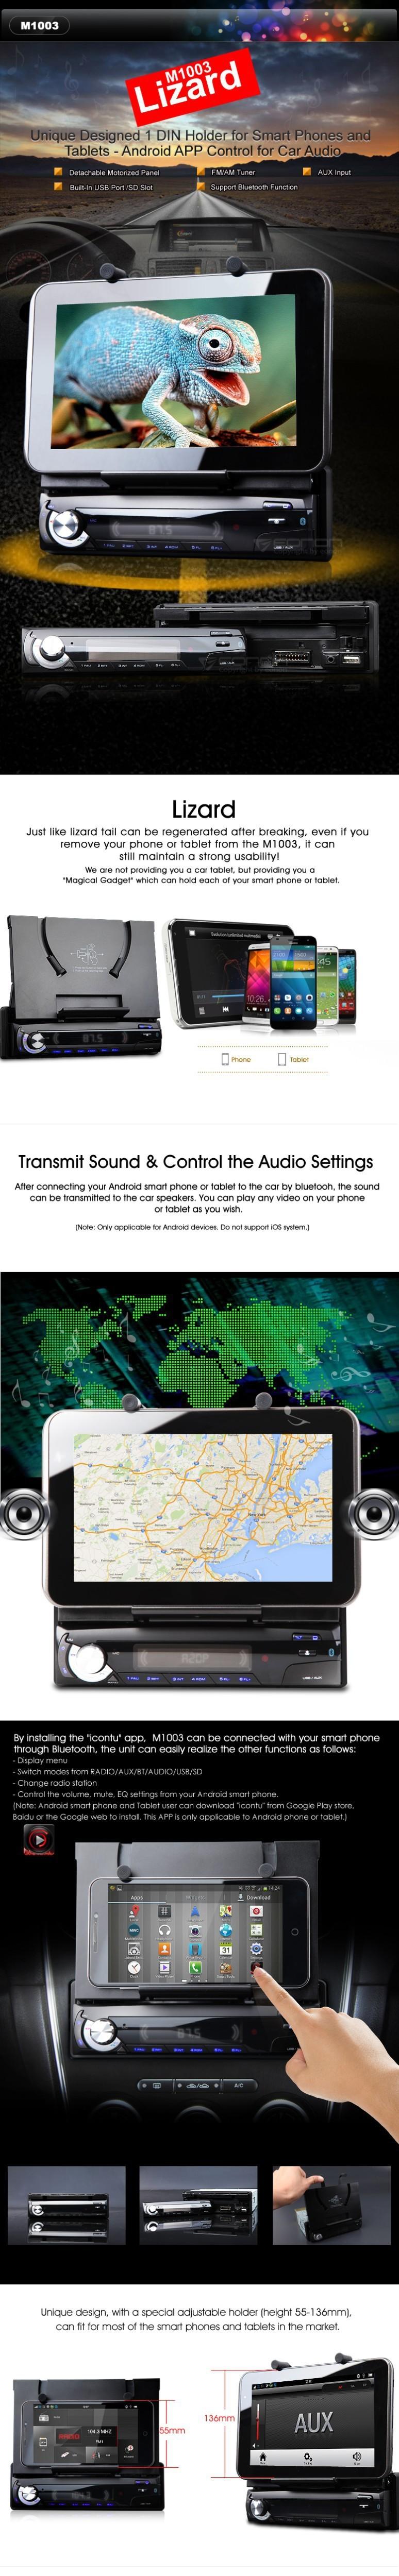 Un Din autoradio 1 Din autoradio simple Din voiture stéréo lecteur support pour les téléphones intelligents et tablettes avec façade détachable